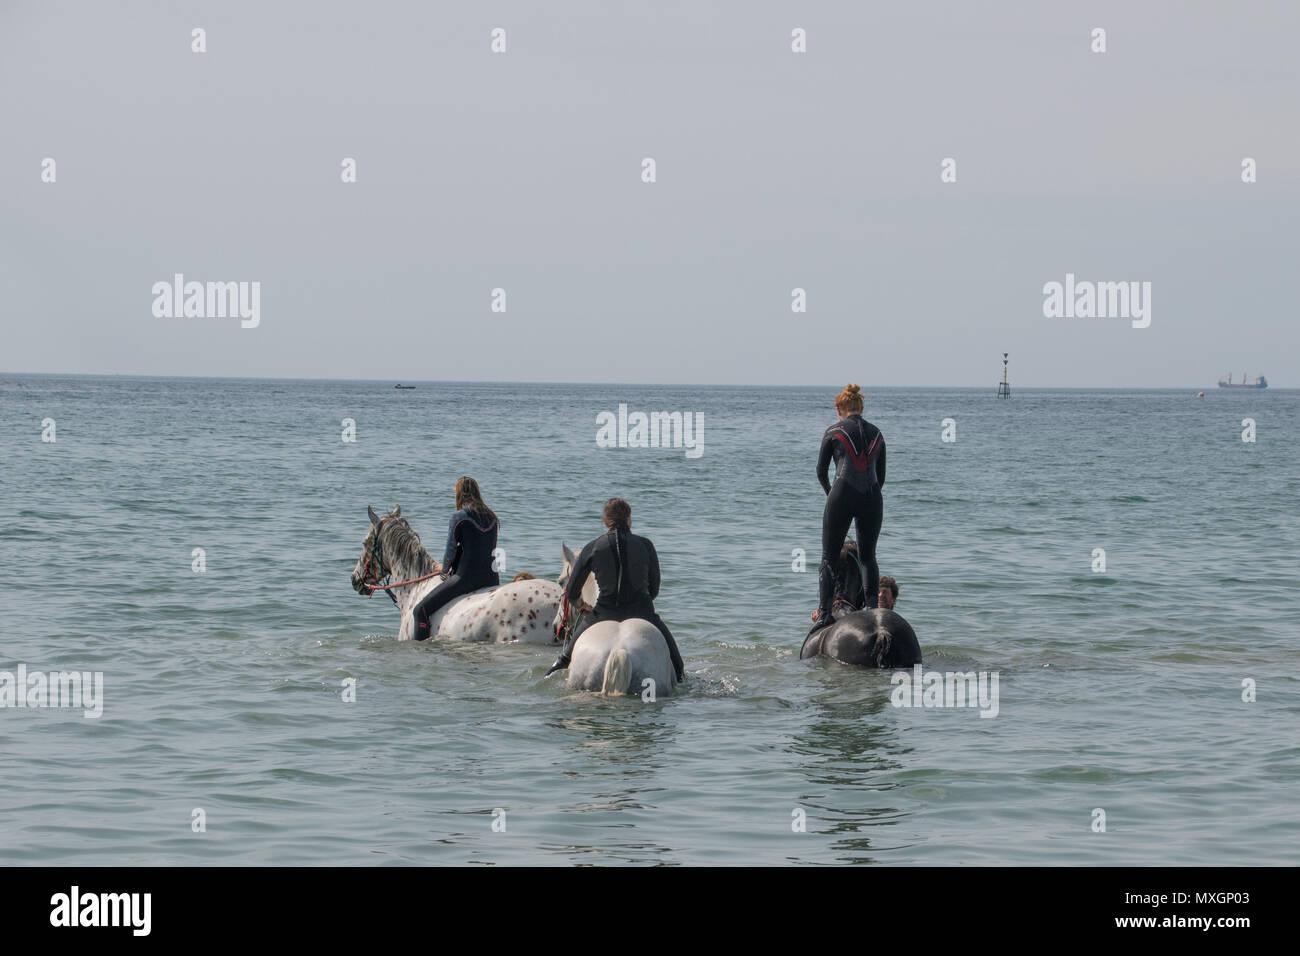 Langer Rock, Cornwall, UK. 4. Juni 2018. UK Wetter. Es war glühend heiß bei langen Felsformation heute, mit diesen Reiter nehmen ein Bad im Meer abkühlen lassen, mit Cornwall Schwimmen Pferde. Foto: Simon Maycock/Alamy leben Nachrichten Stockbild